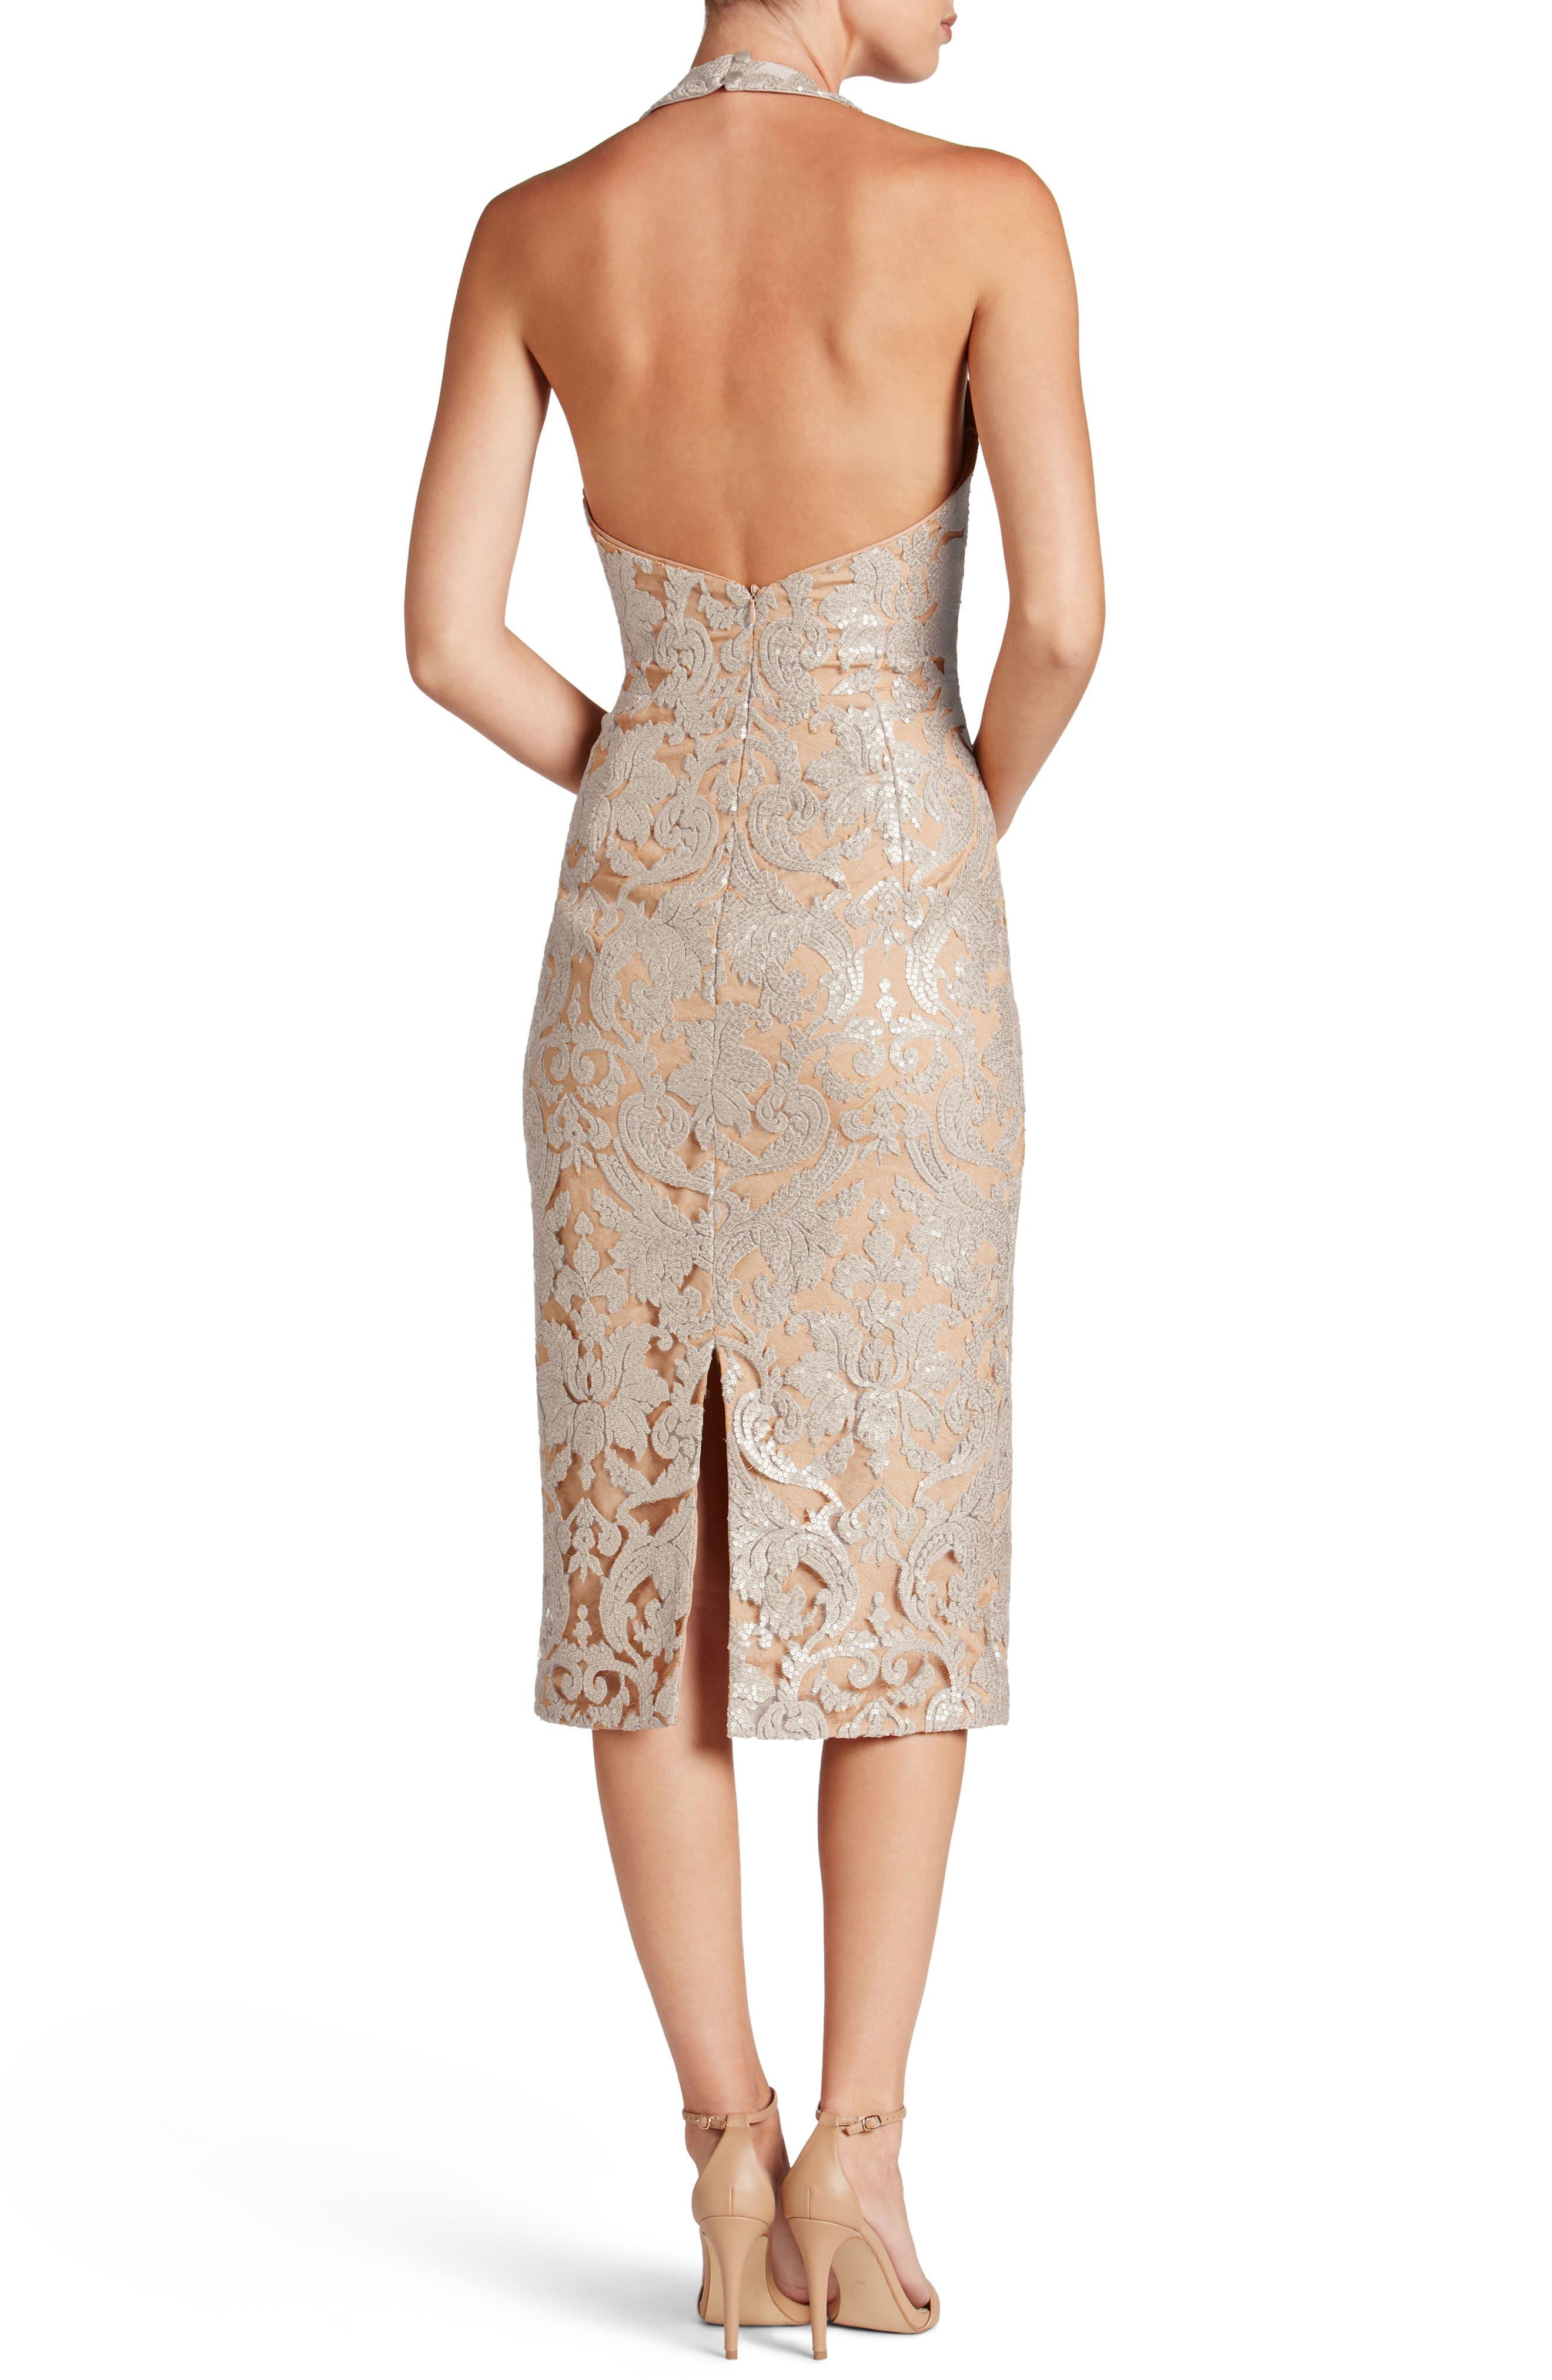 Cassie Sequin Midi Dress,                             Alternate thumbnail 3, color,                             Platinum/ Nude